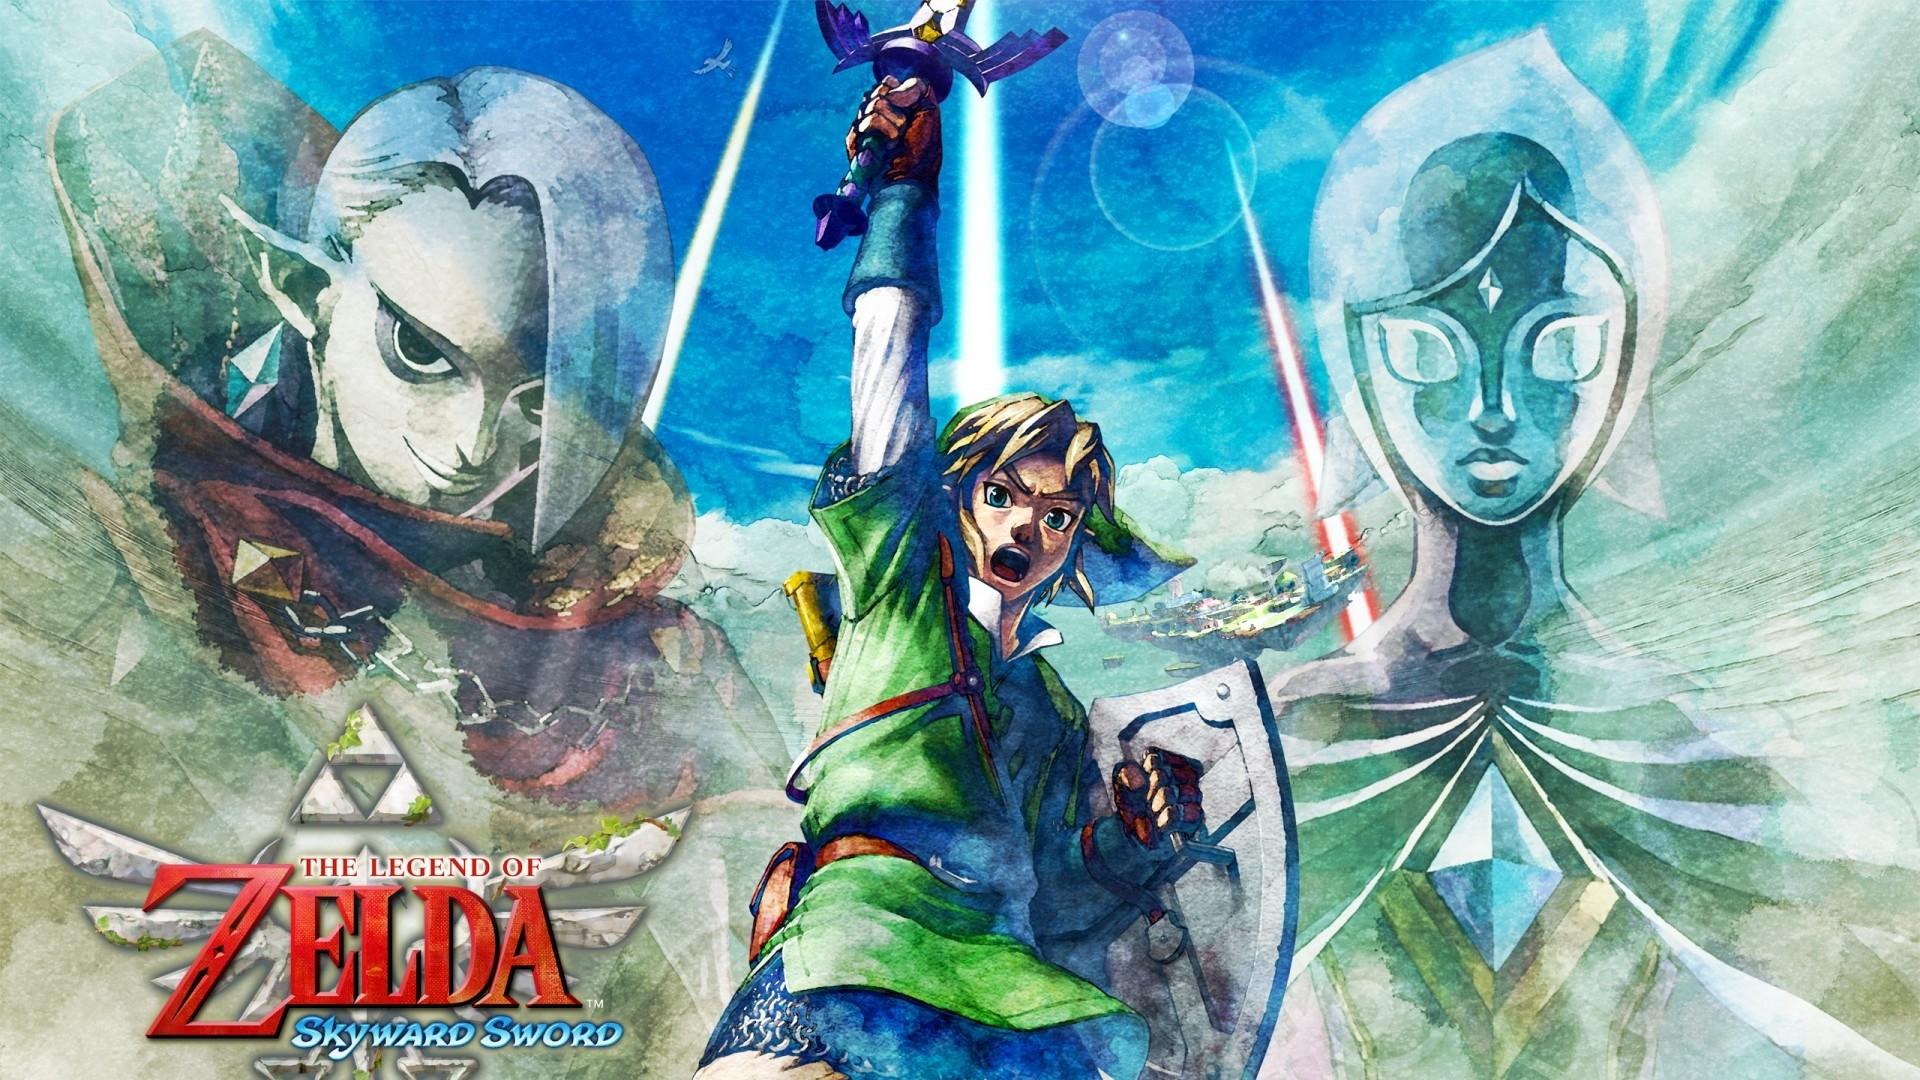 Wallpaper the legend of zelda skyward sword, nintendo ead, legend  of zelda,